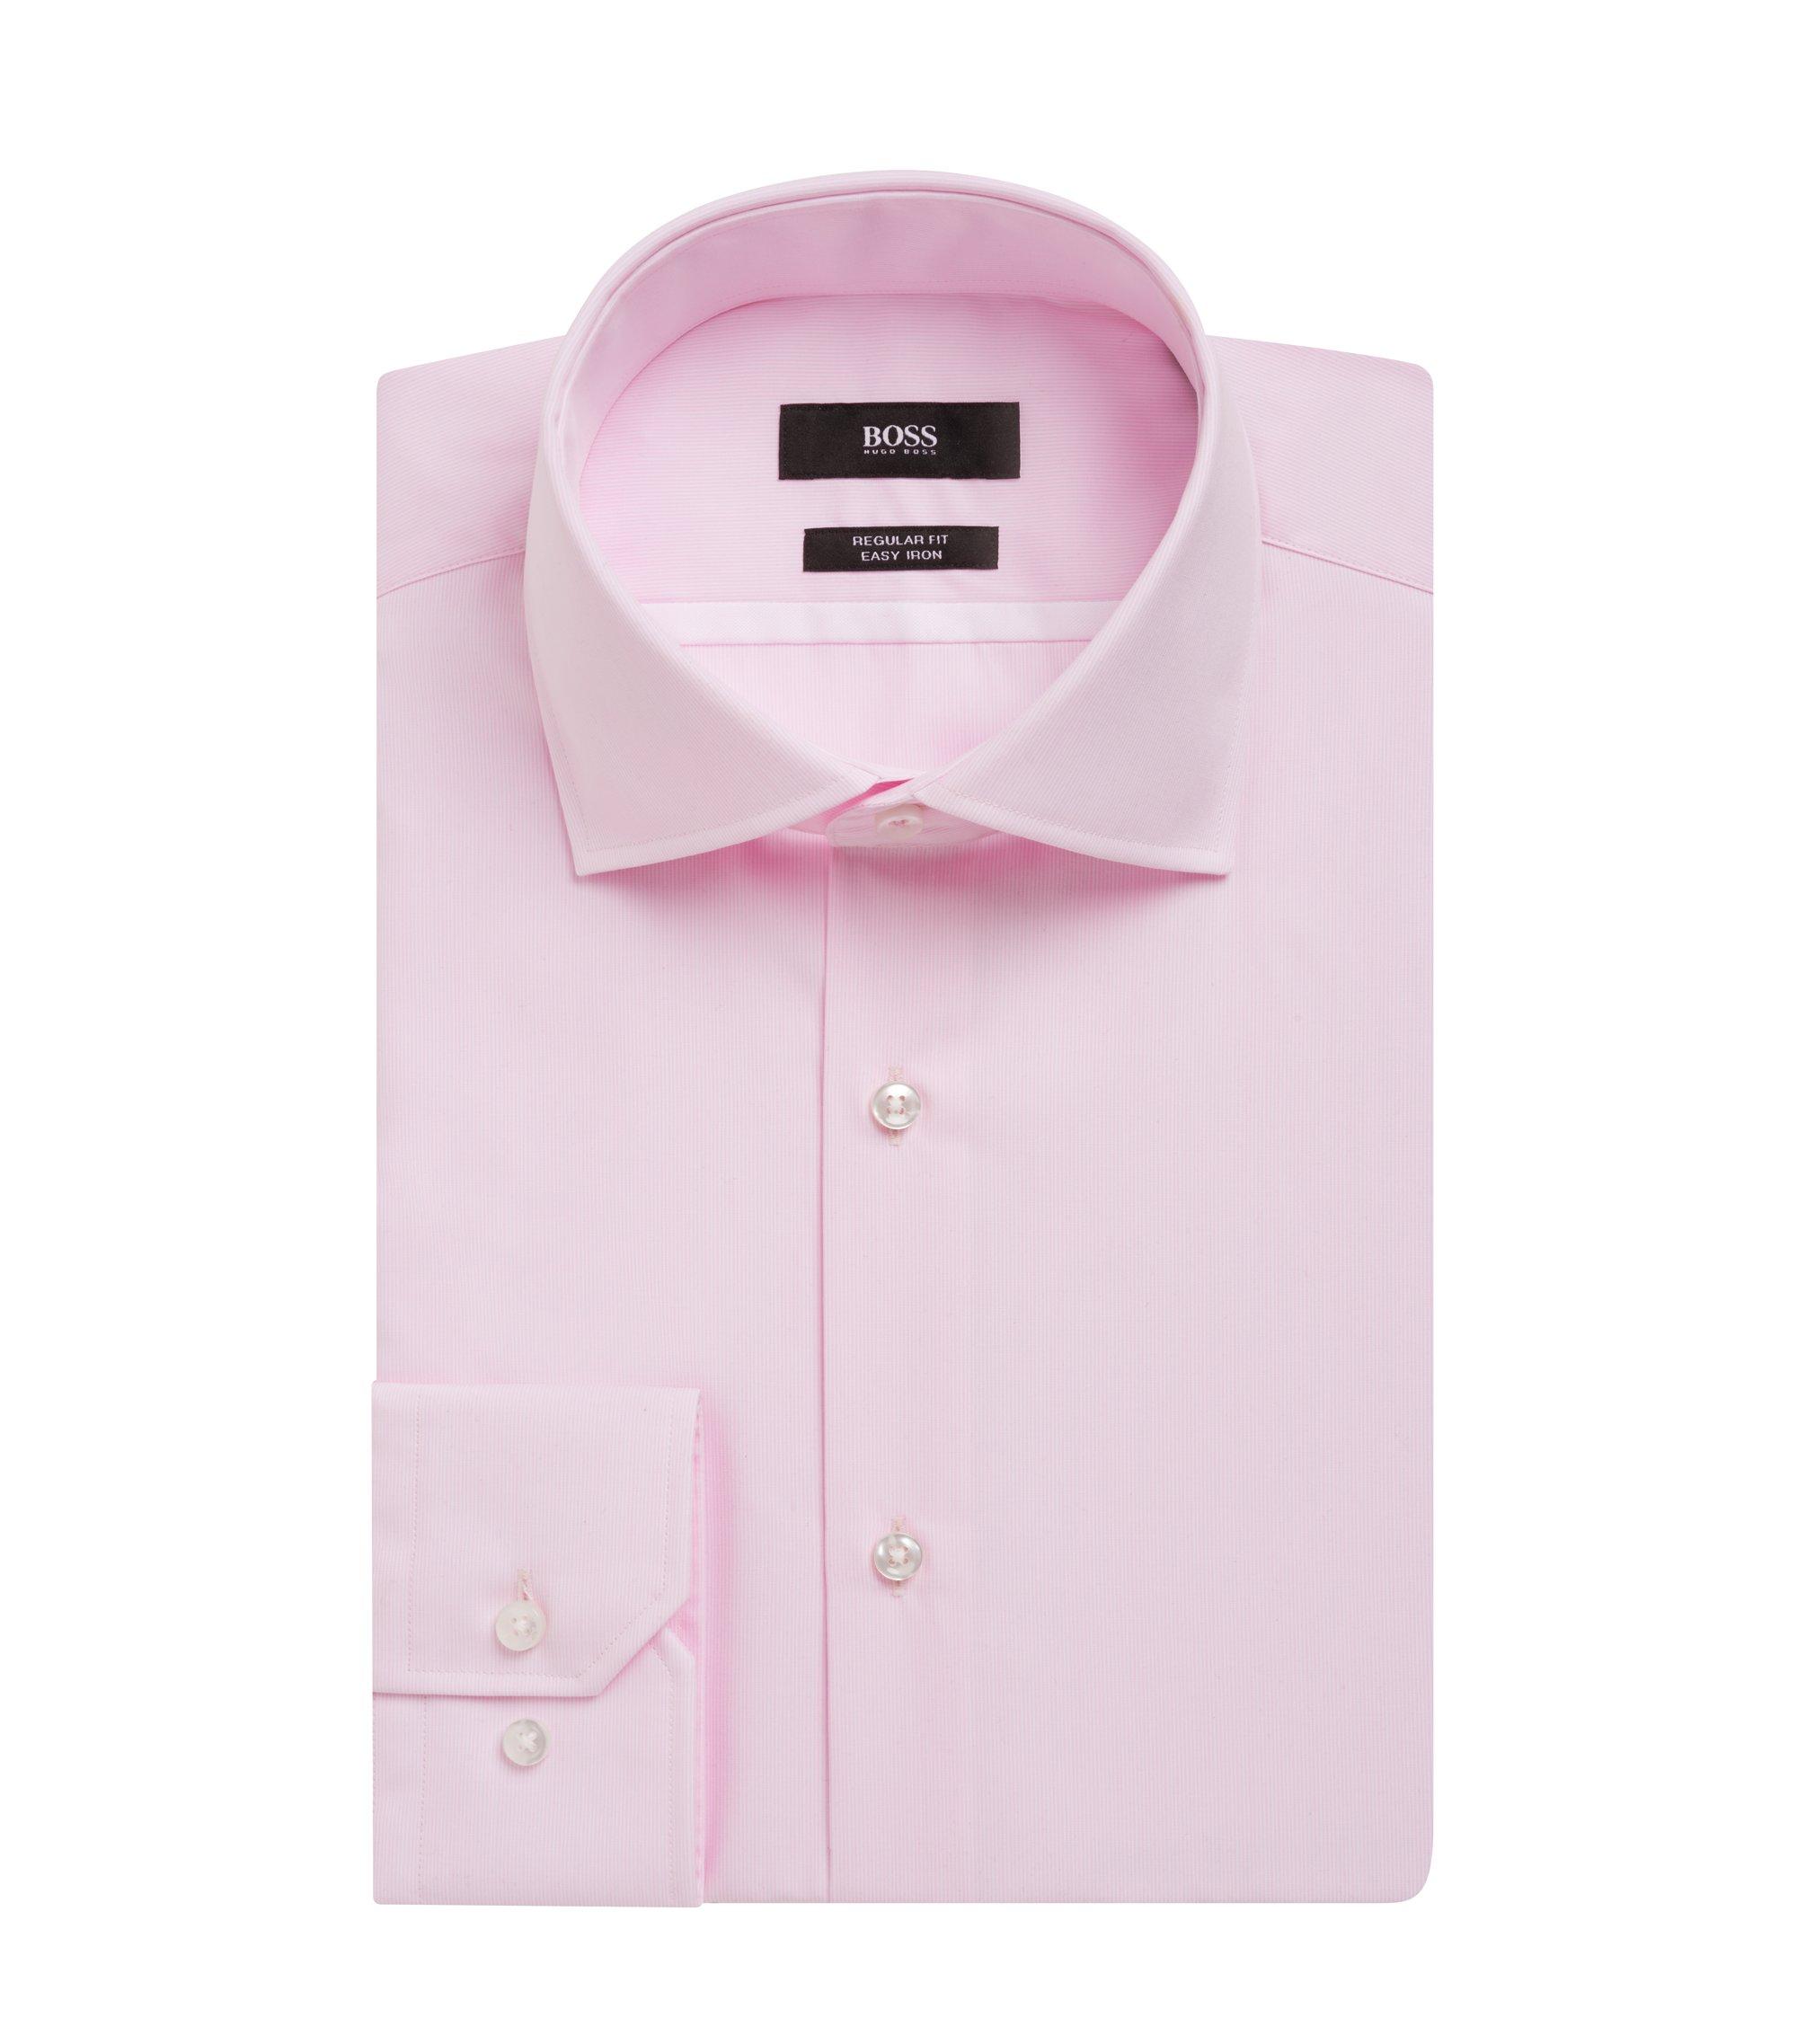 Striped Easy Iron Cotton Dress Shirt, Regular Fit | Gert, light pink